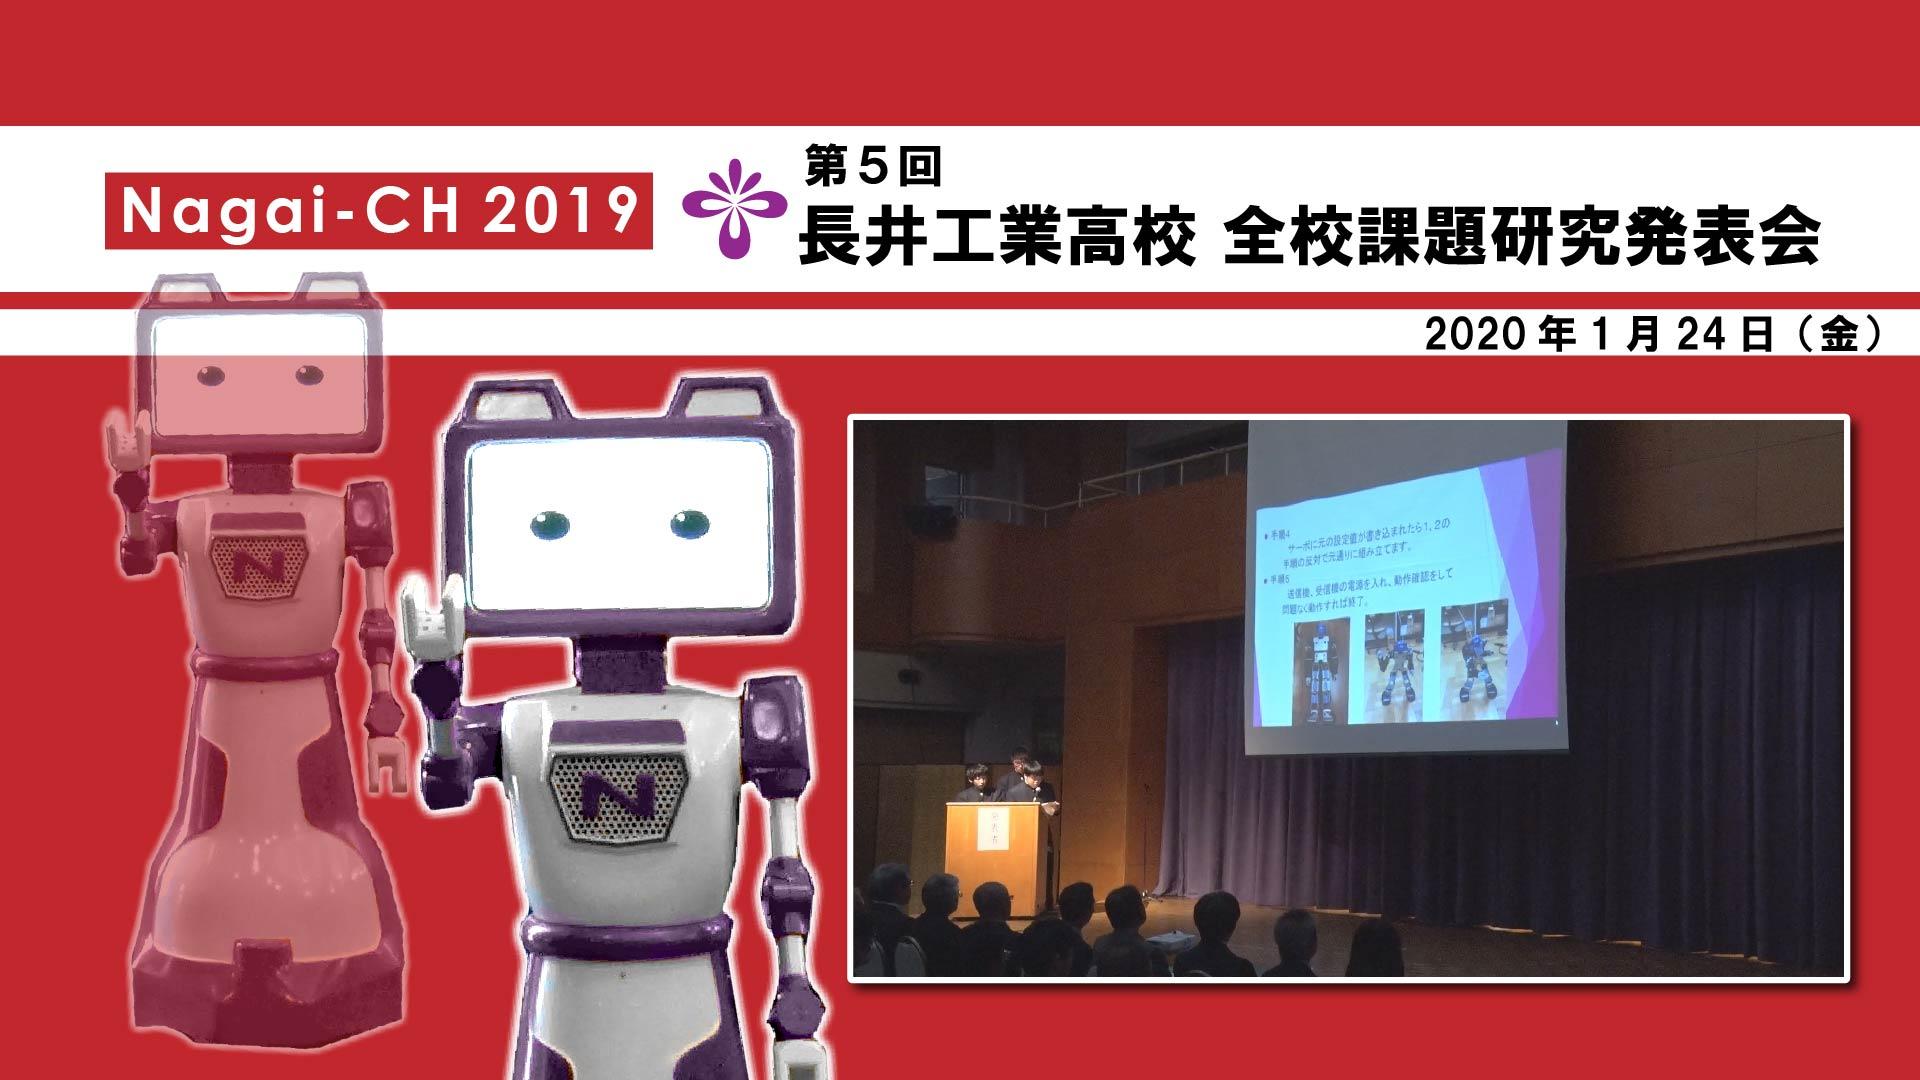 【長井市】令和元年度長井工業高校全校課題研究発表会(令和2年1月24日):画像